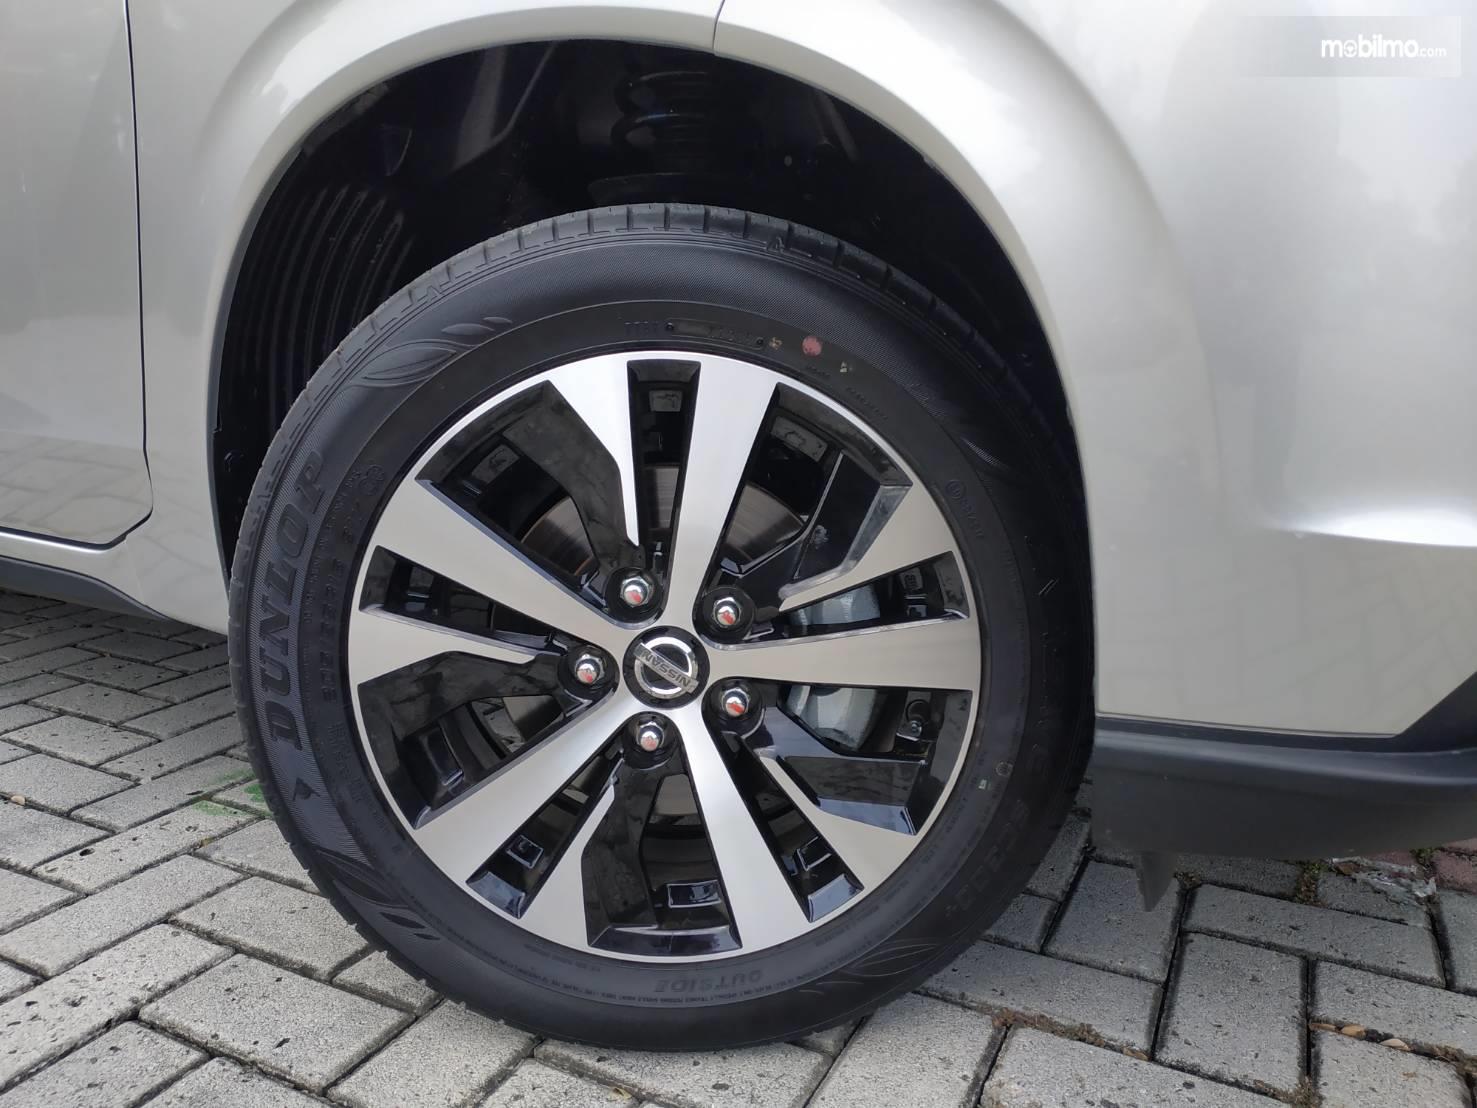 Tampak Ban dan pelek All New Nissan Livina 2019